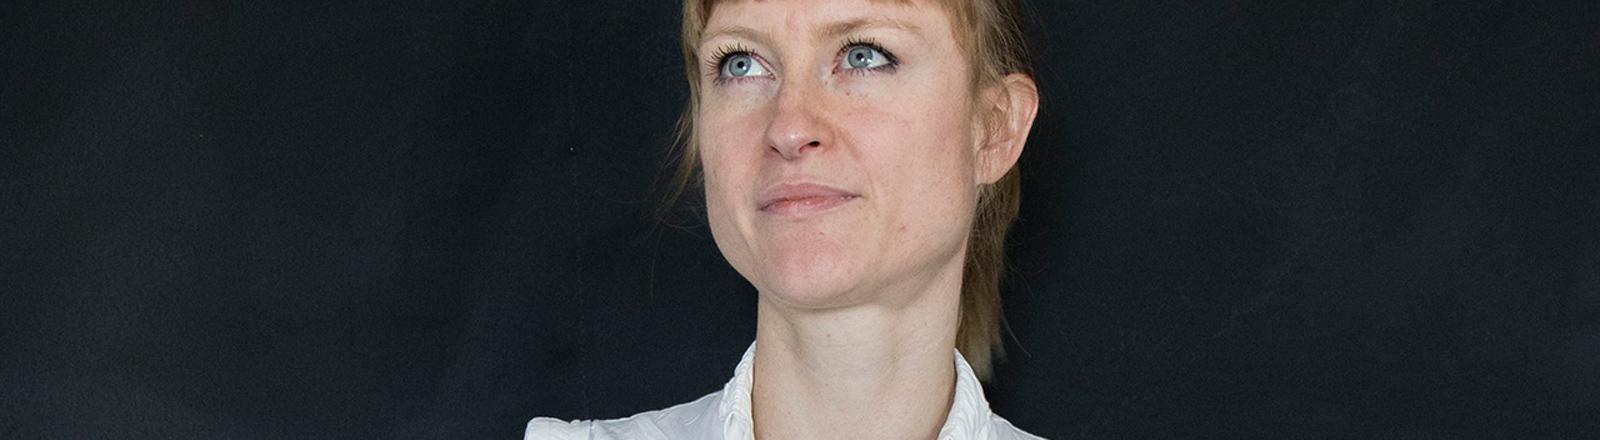 """Julia Köberlein hatte die Idee zum Onlinemagazin """"Der Kontext""""."""